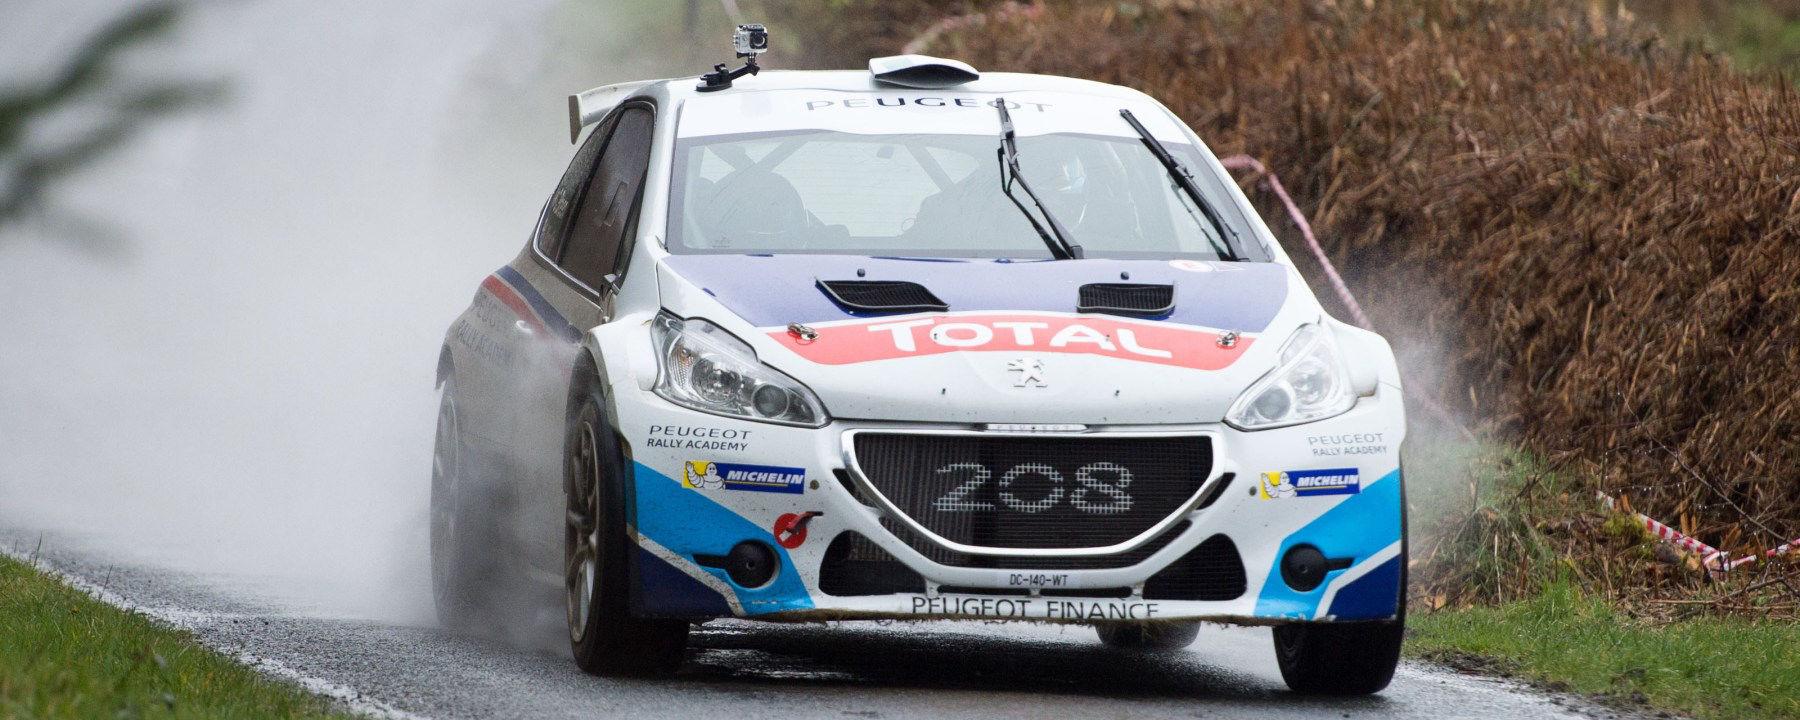 Peugeot kategorisi için resim